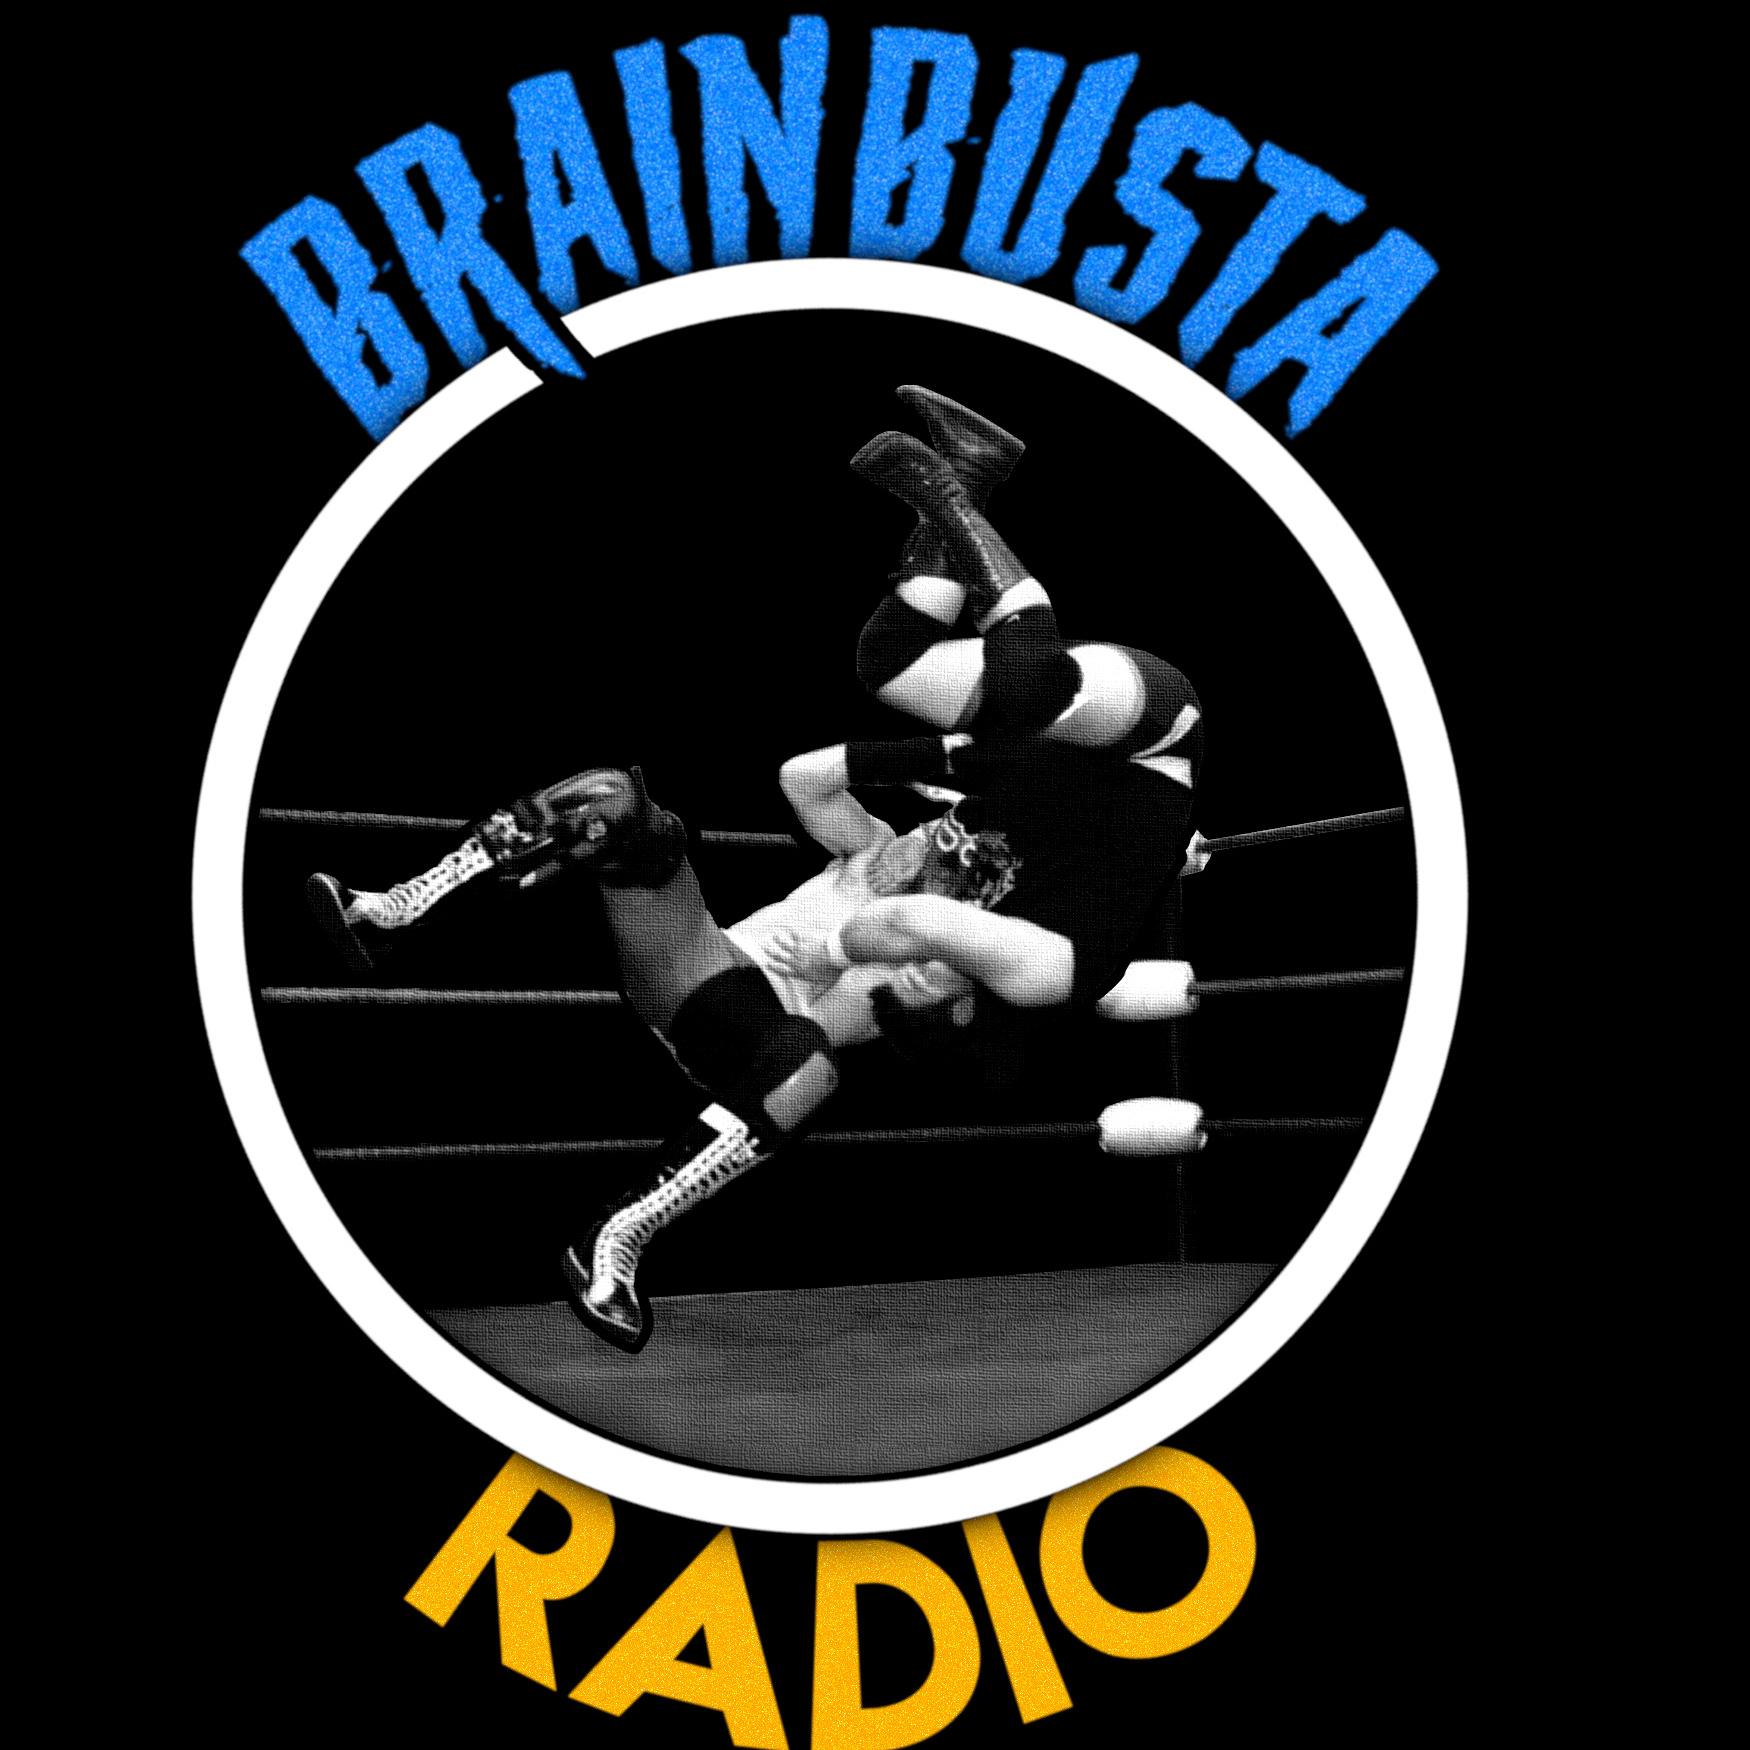 Brainbusta FM